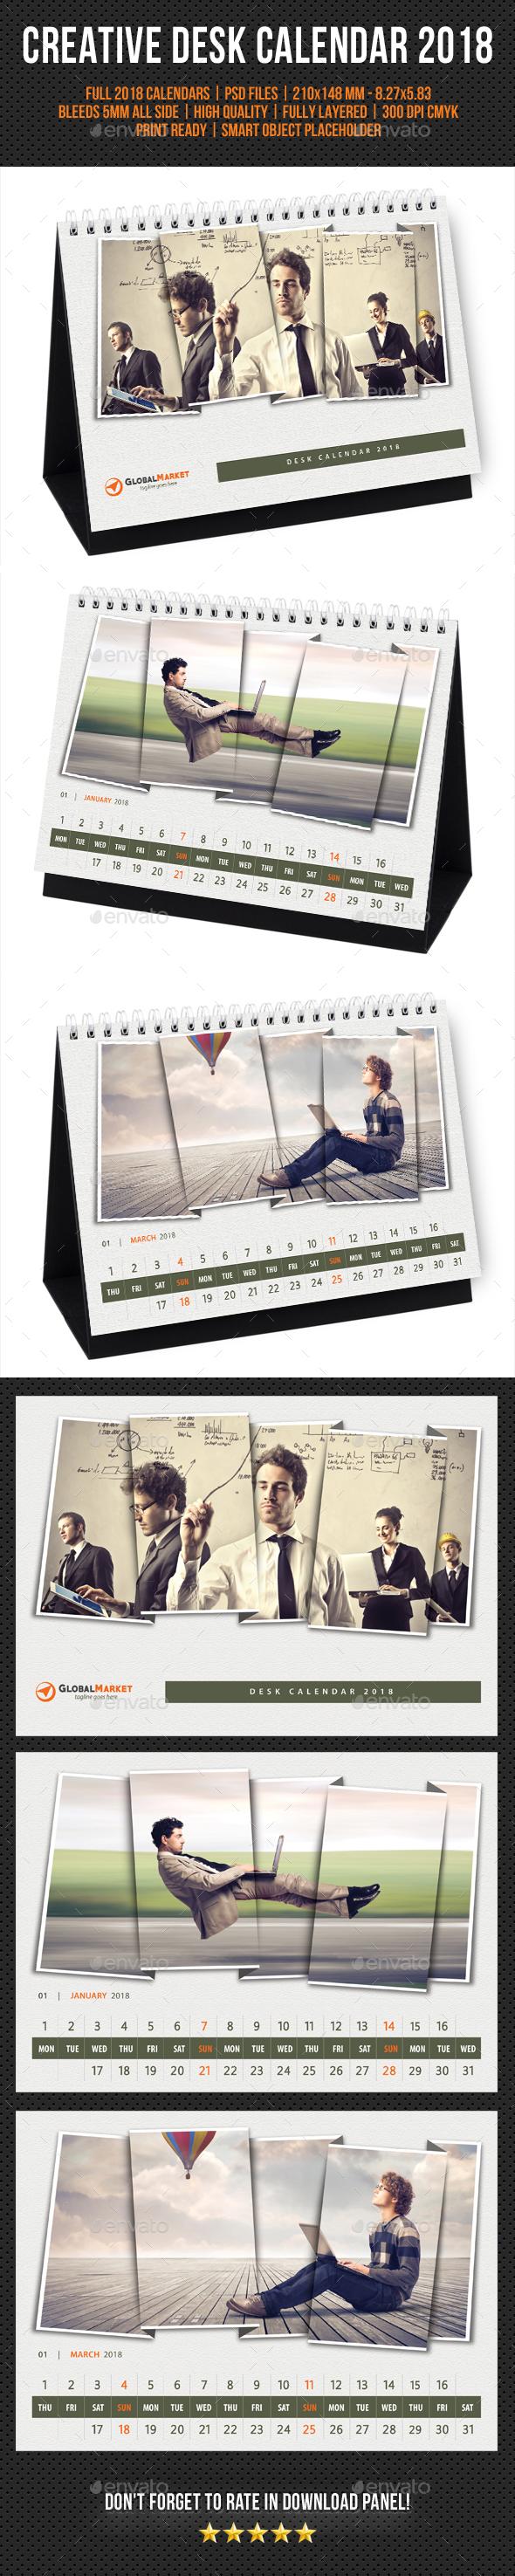 Creative Desk Calendar 2018 V24 - Calendars Stationery